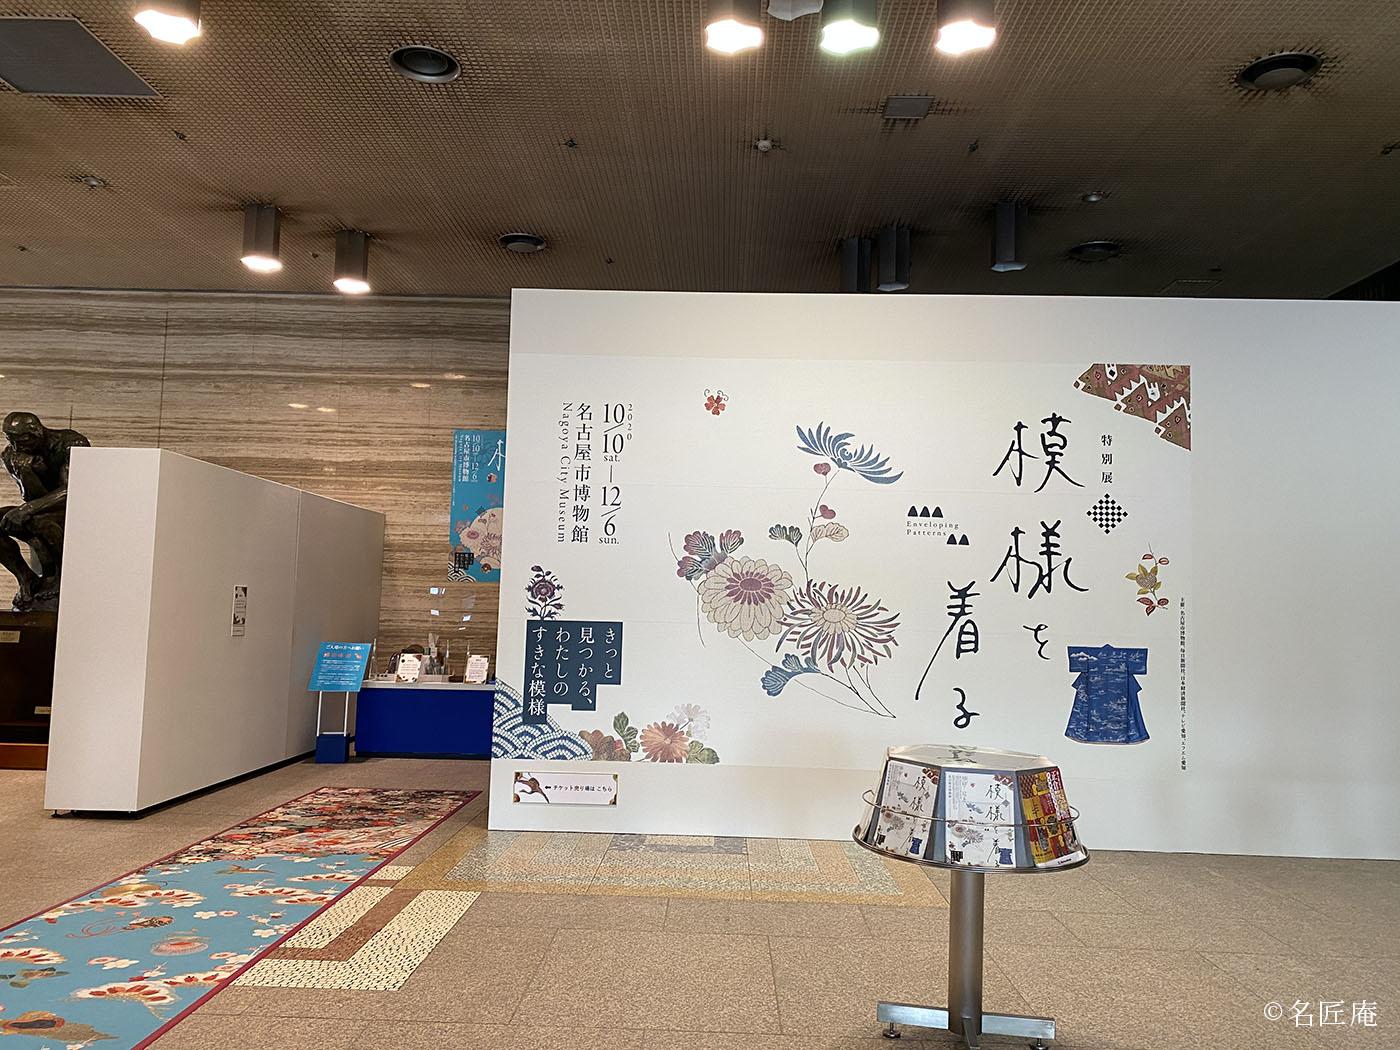 名古屋市博物館で開催中の 特別展「模様を着る」